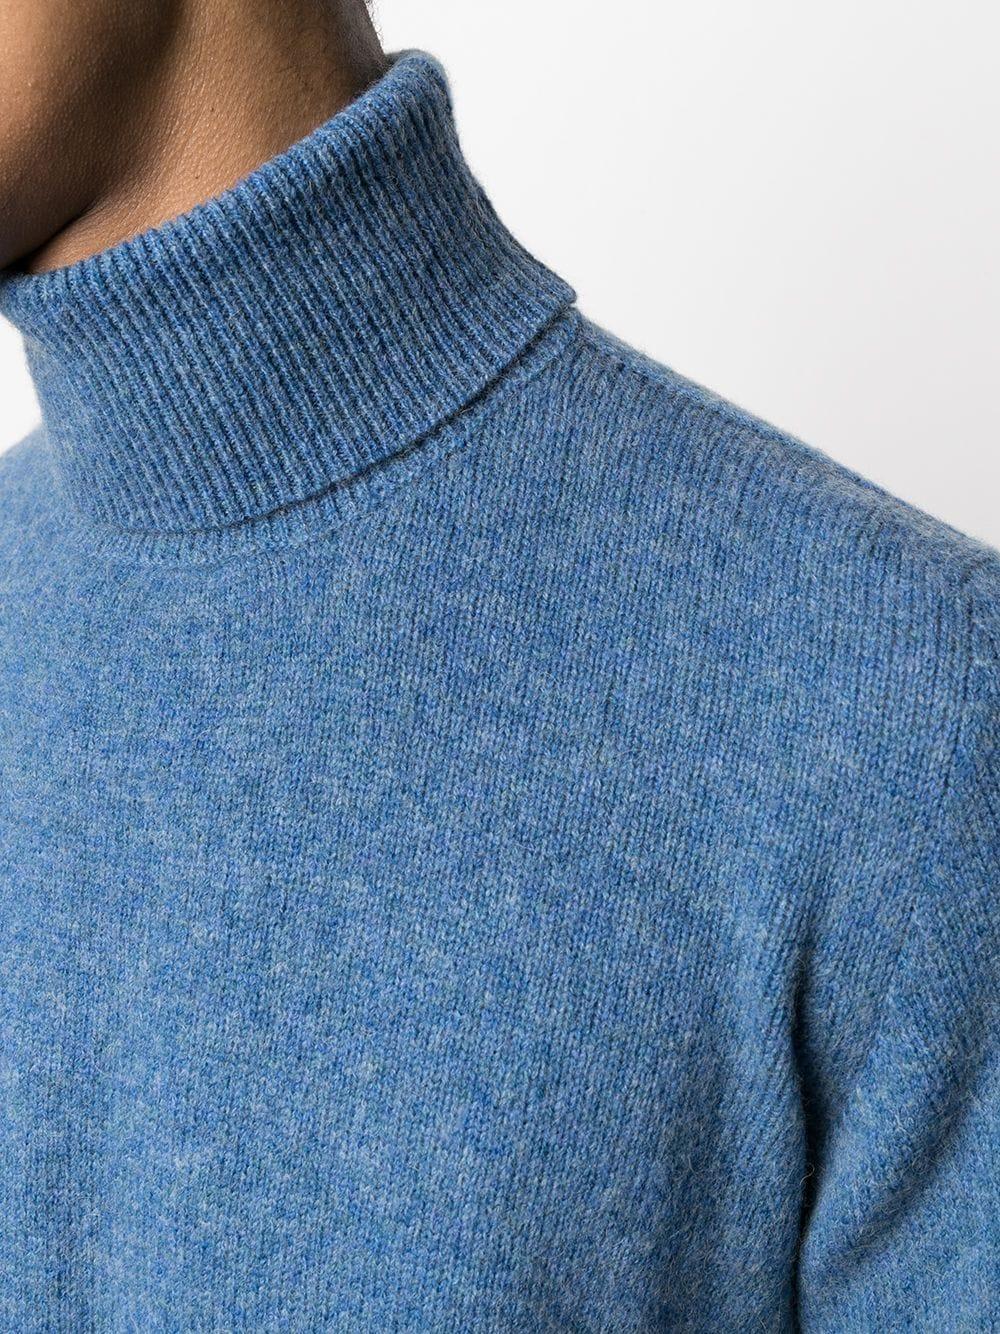 Maglione girocollo in lana merino blu ROBERTO COLLINA | Maglieria | RD4010314